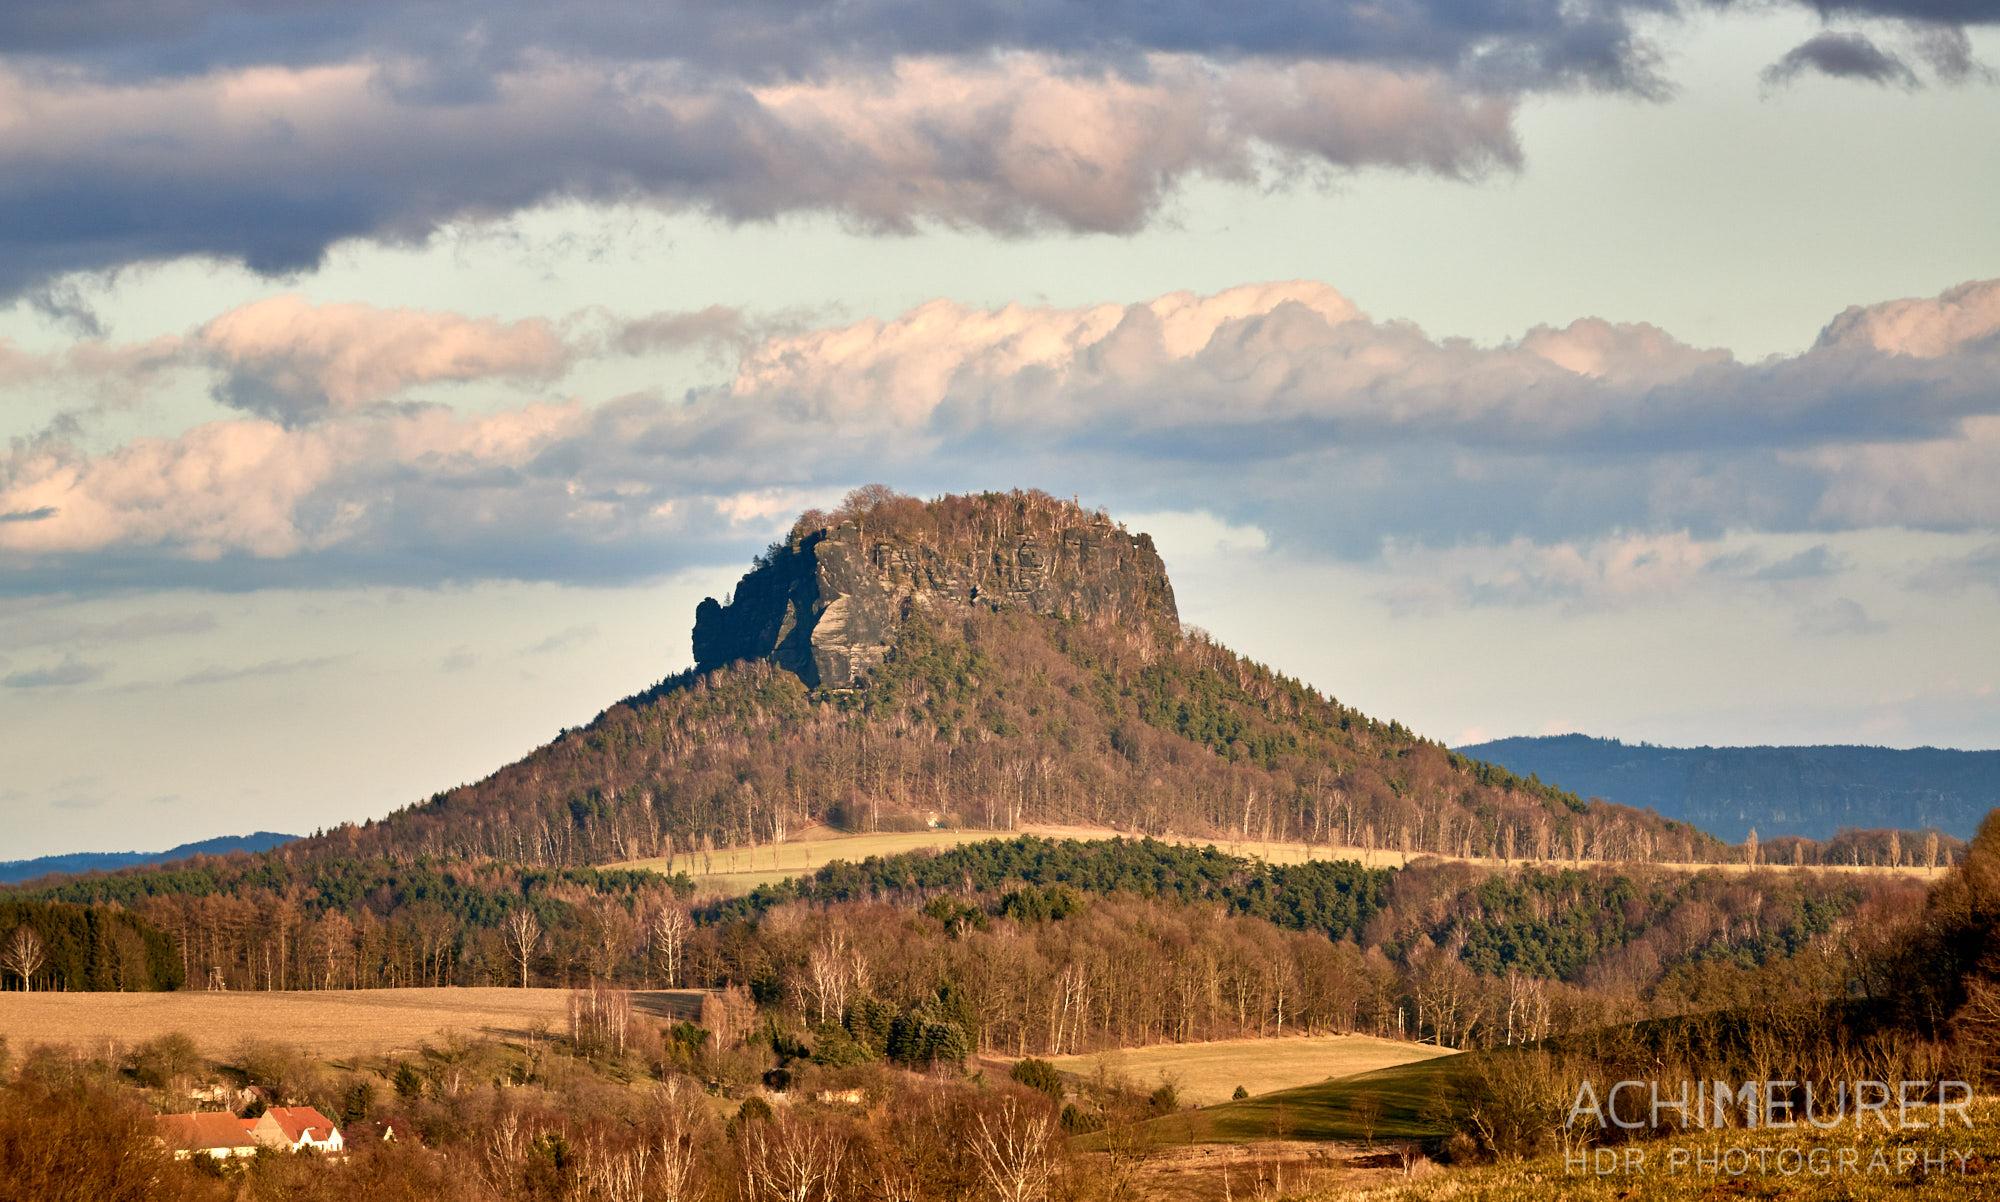 Der Lilienstein im Winter ohne Schnee, Sächsische Schweiz by AchimMeurer.com.